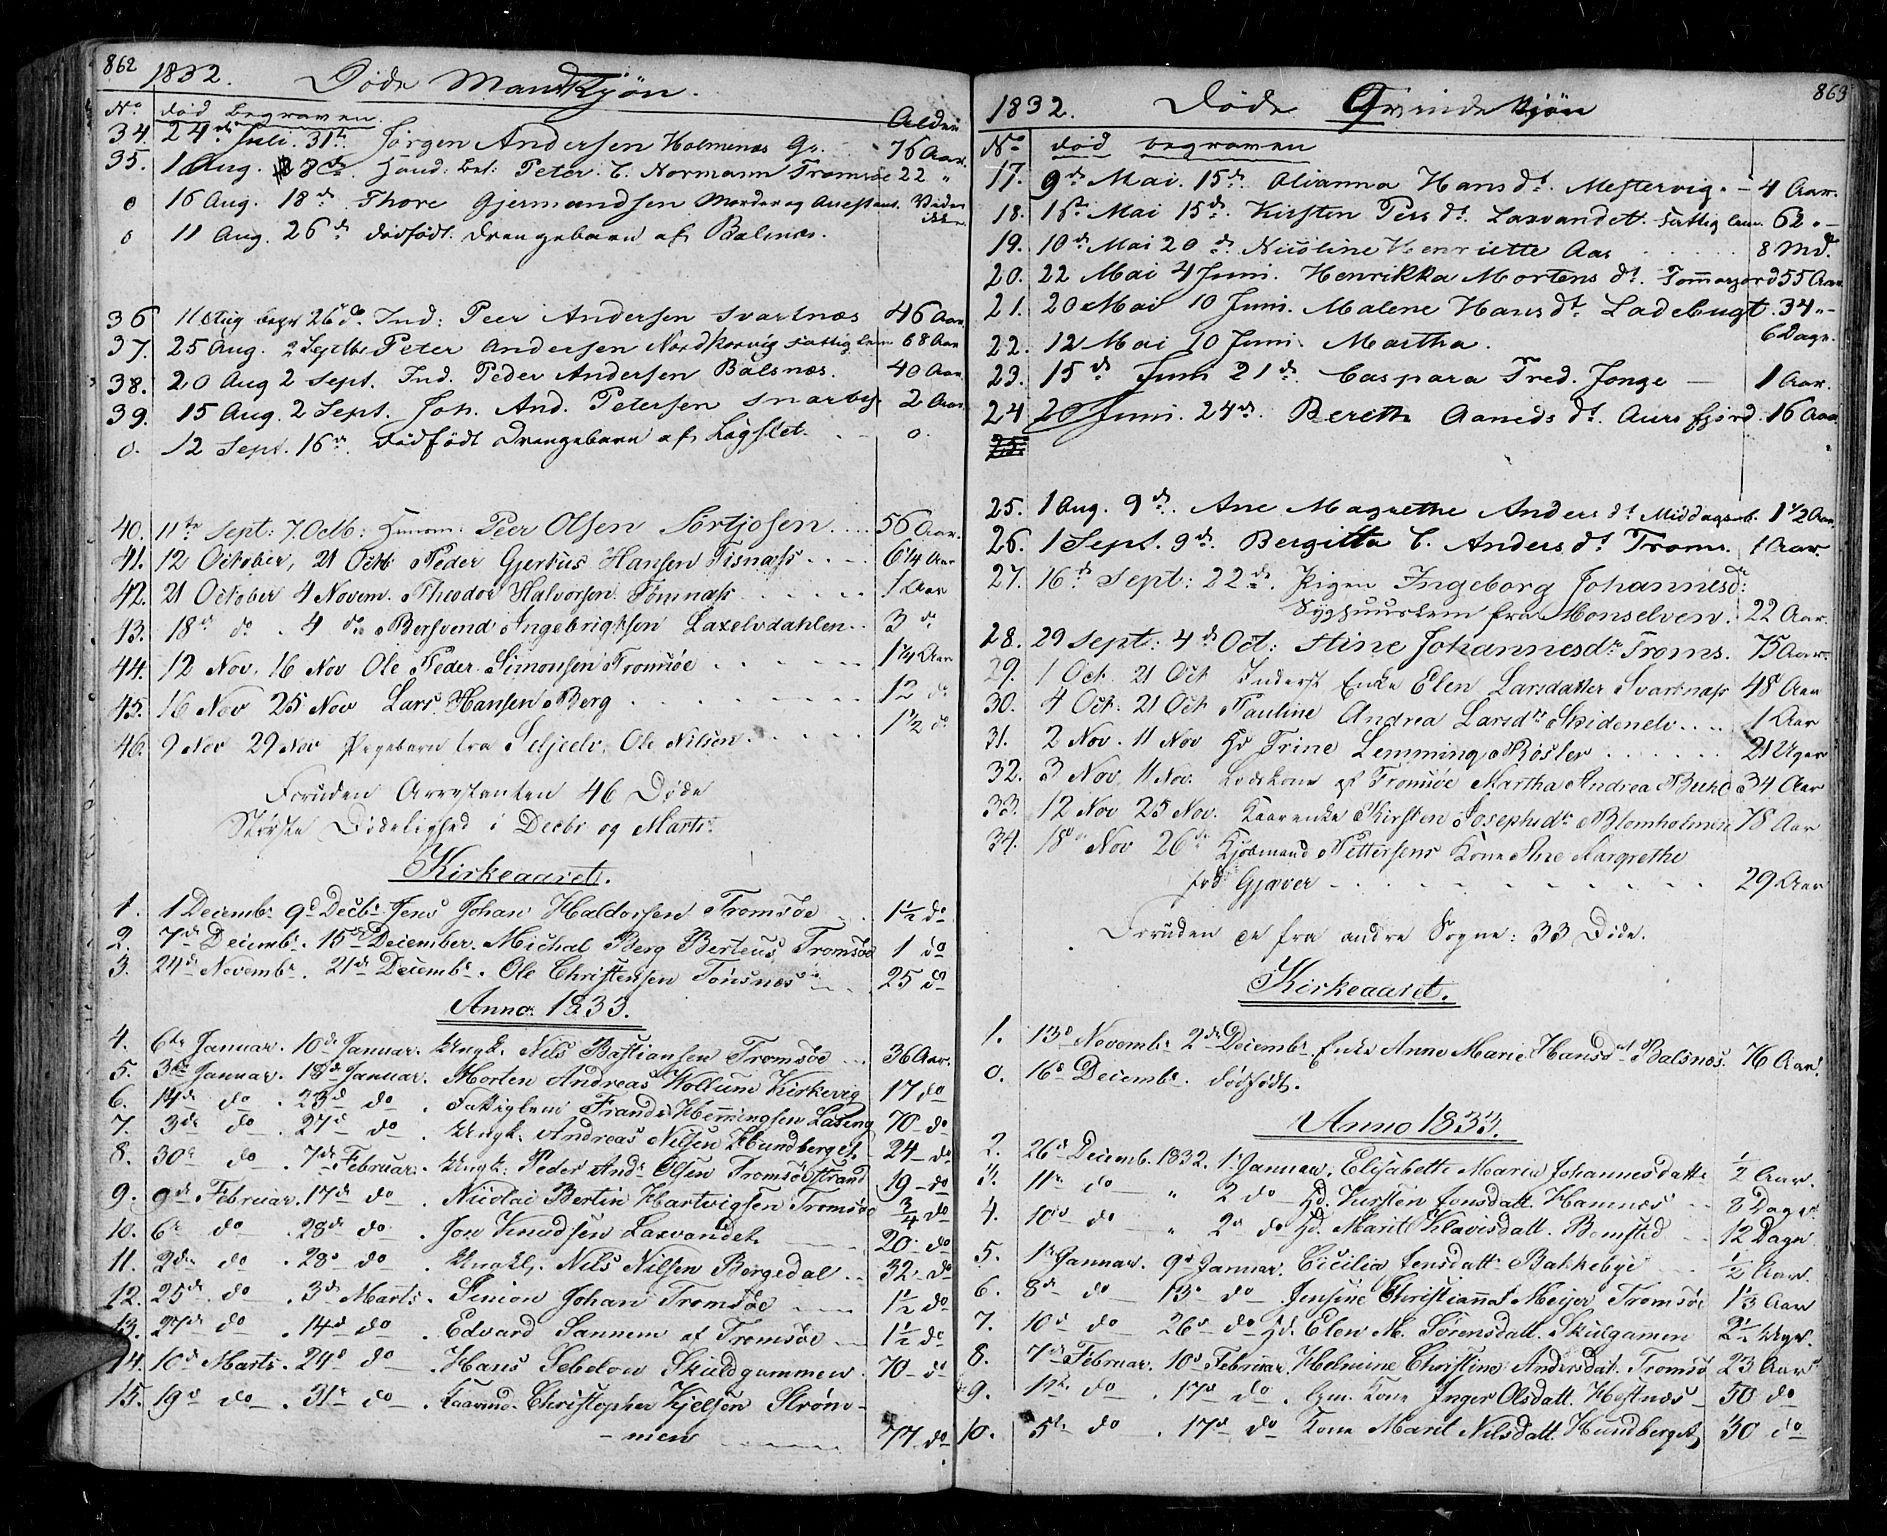 SATØ, Tromsø sokneprestkontor/stiftsprosti/domprosti, G/Ga/L0008kirke: Ministerialbok nr. 8, 1829-1837, s. 862-863